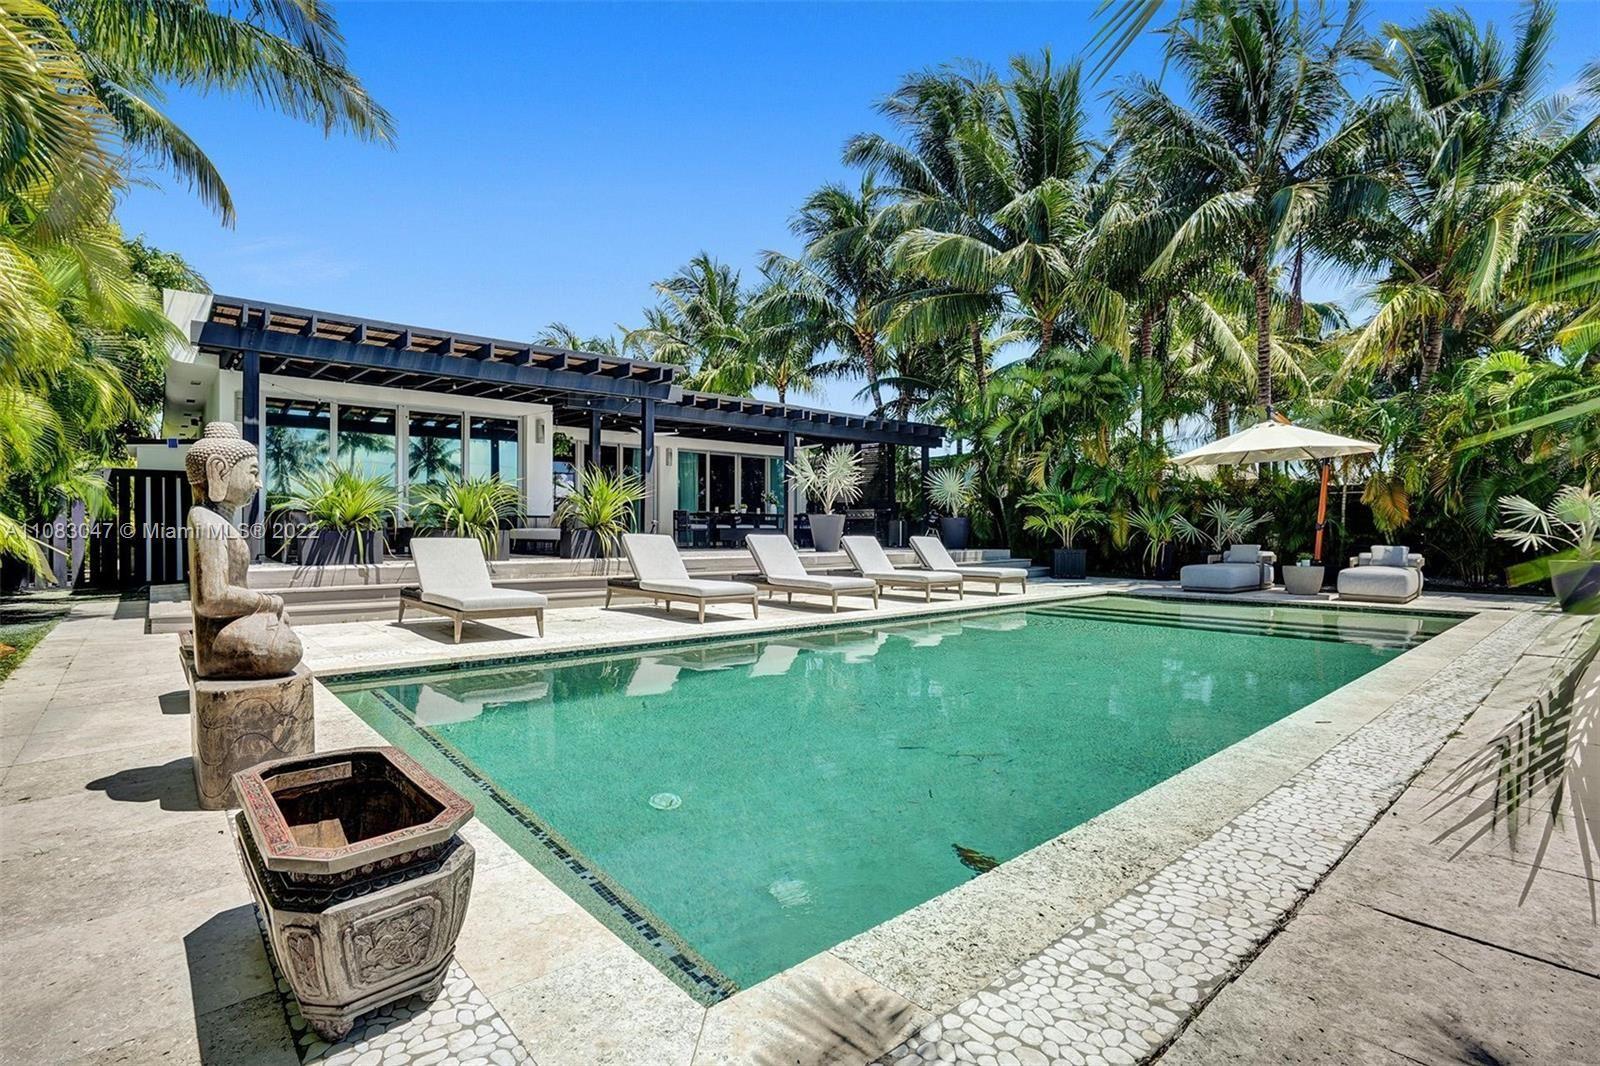 970 S Shore Dr, Miami Beach, FL 33141 - #: A11083047